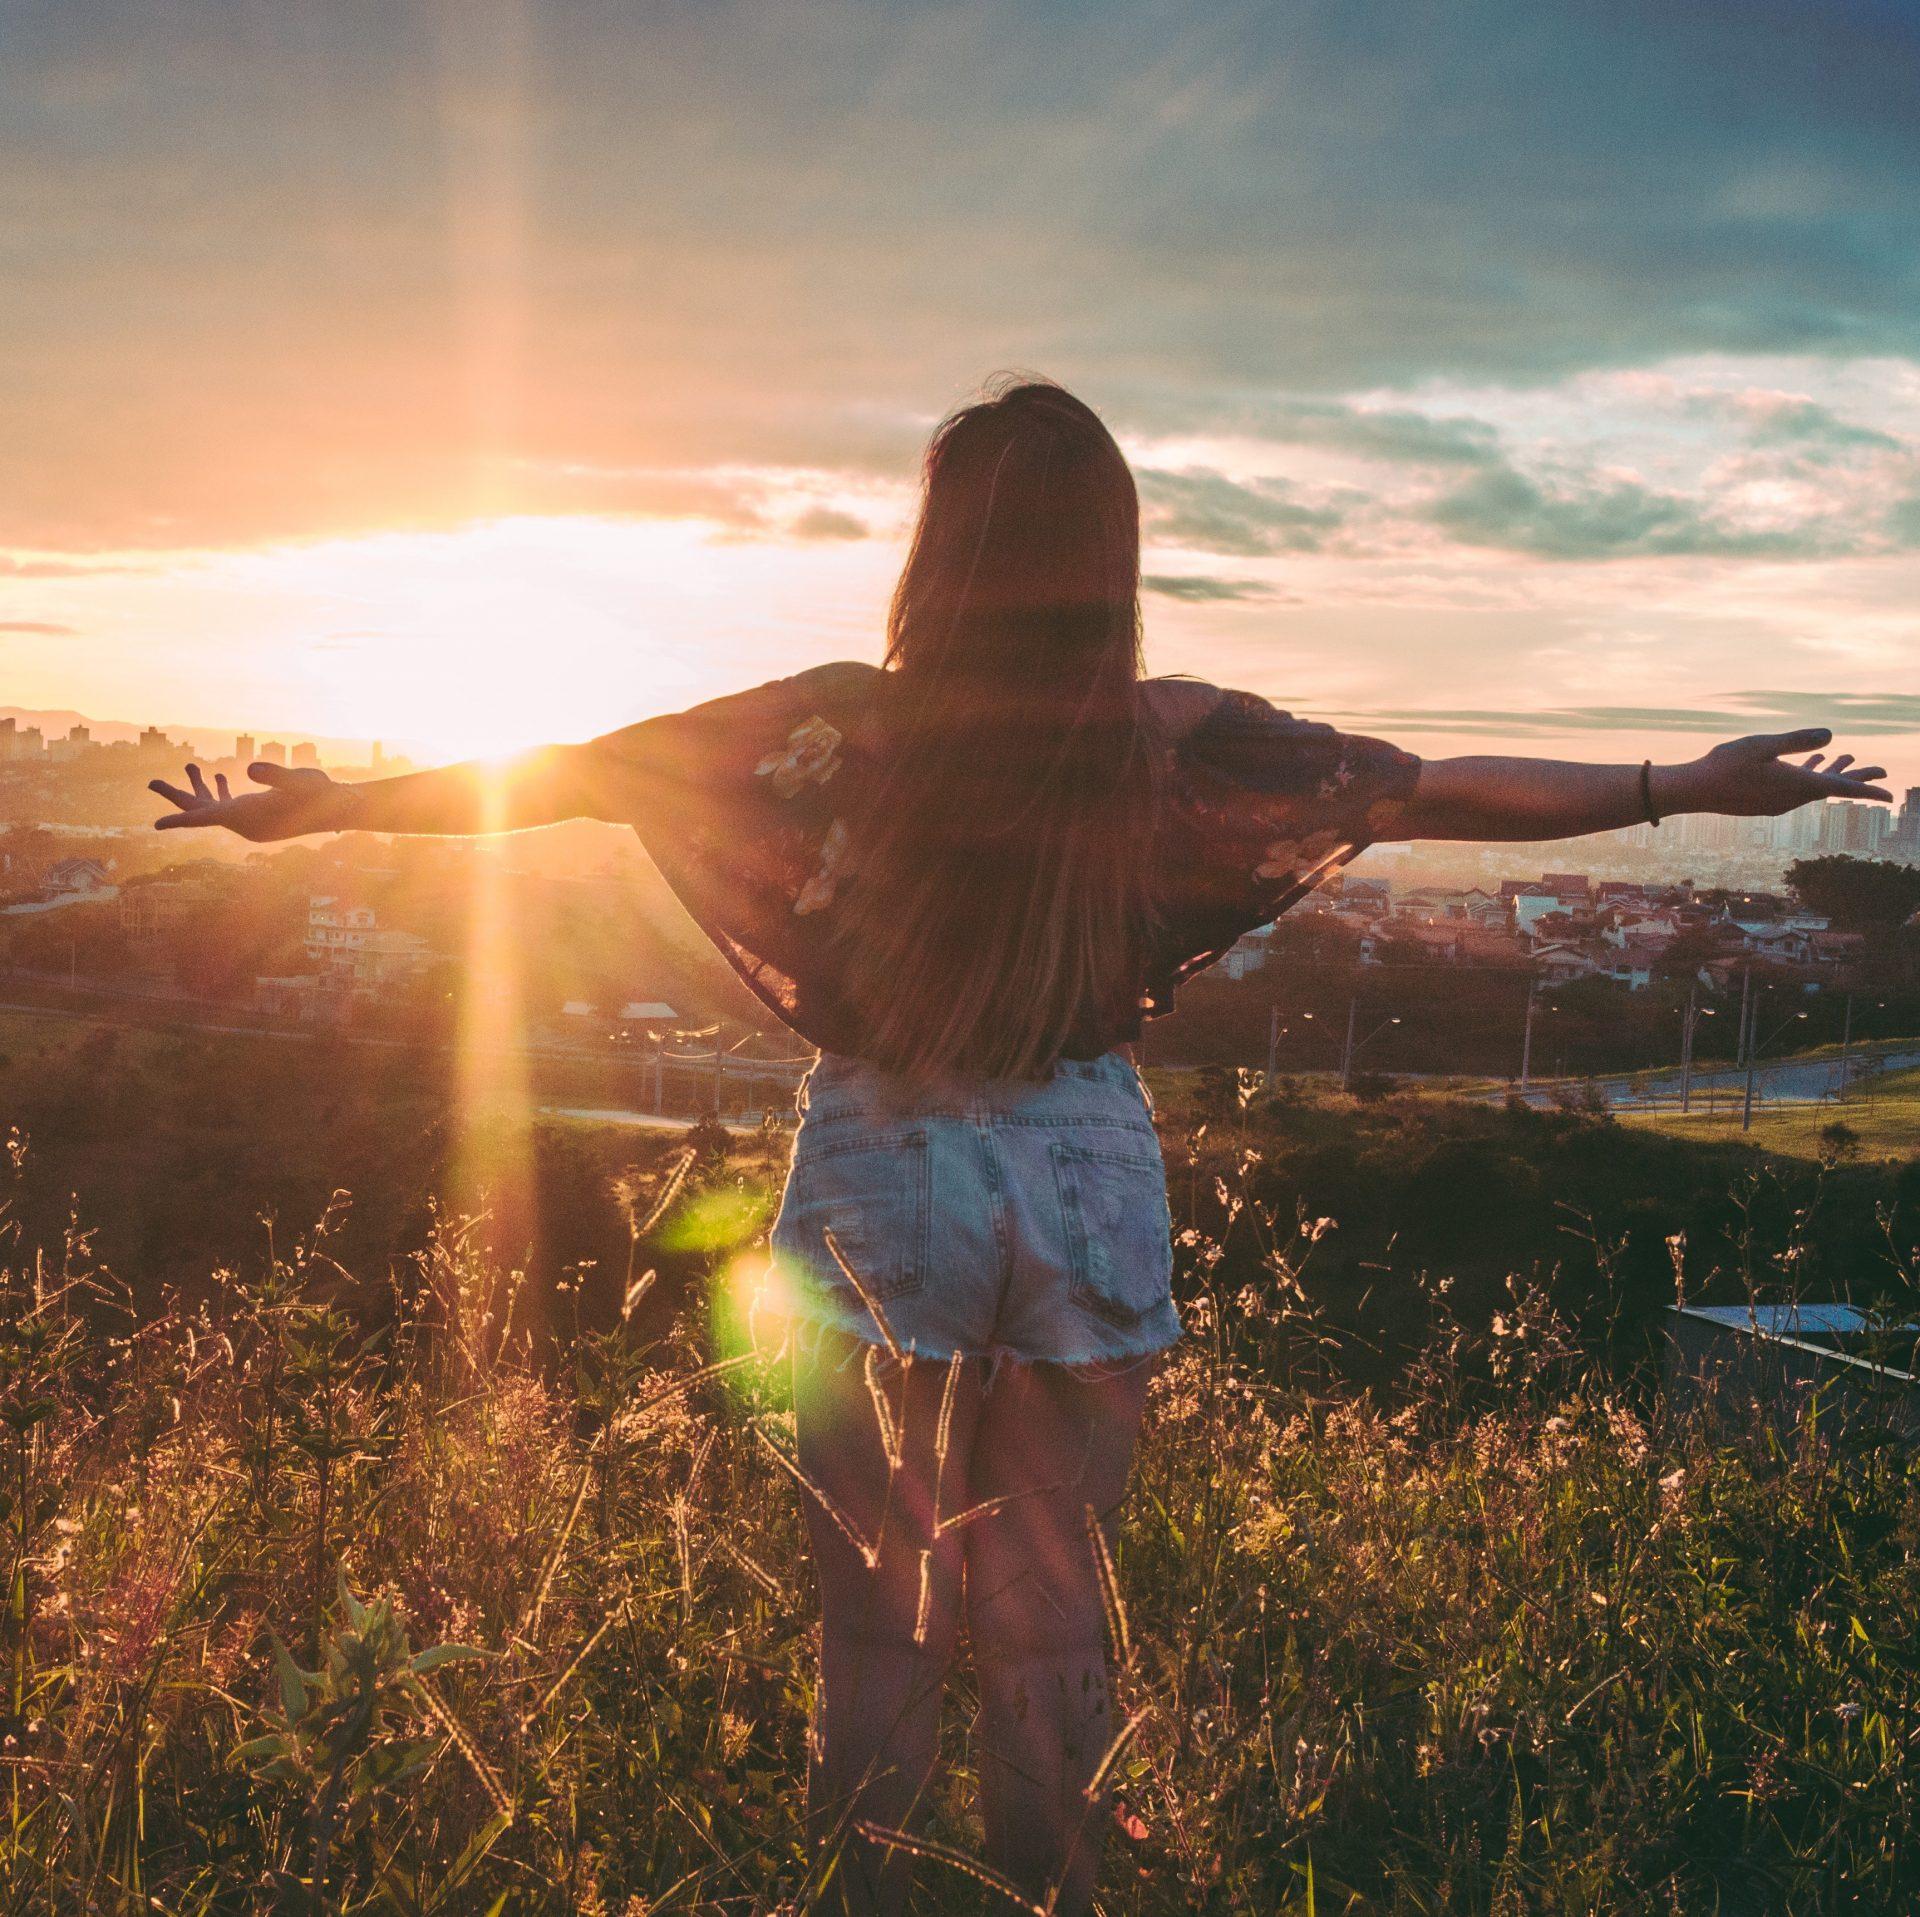 Coachingprogramm Schema Du statt Schema F; Frau in der Natur genießt die Aussicht